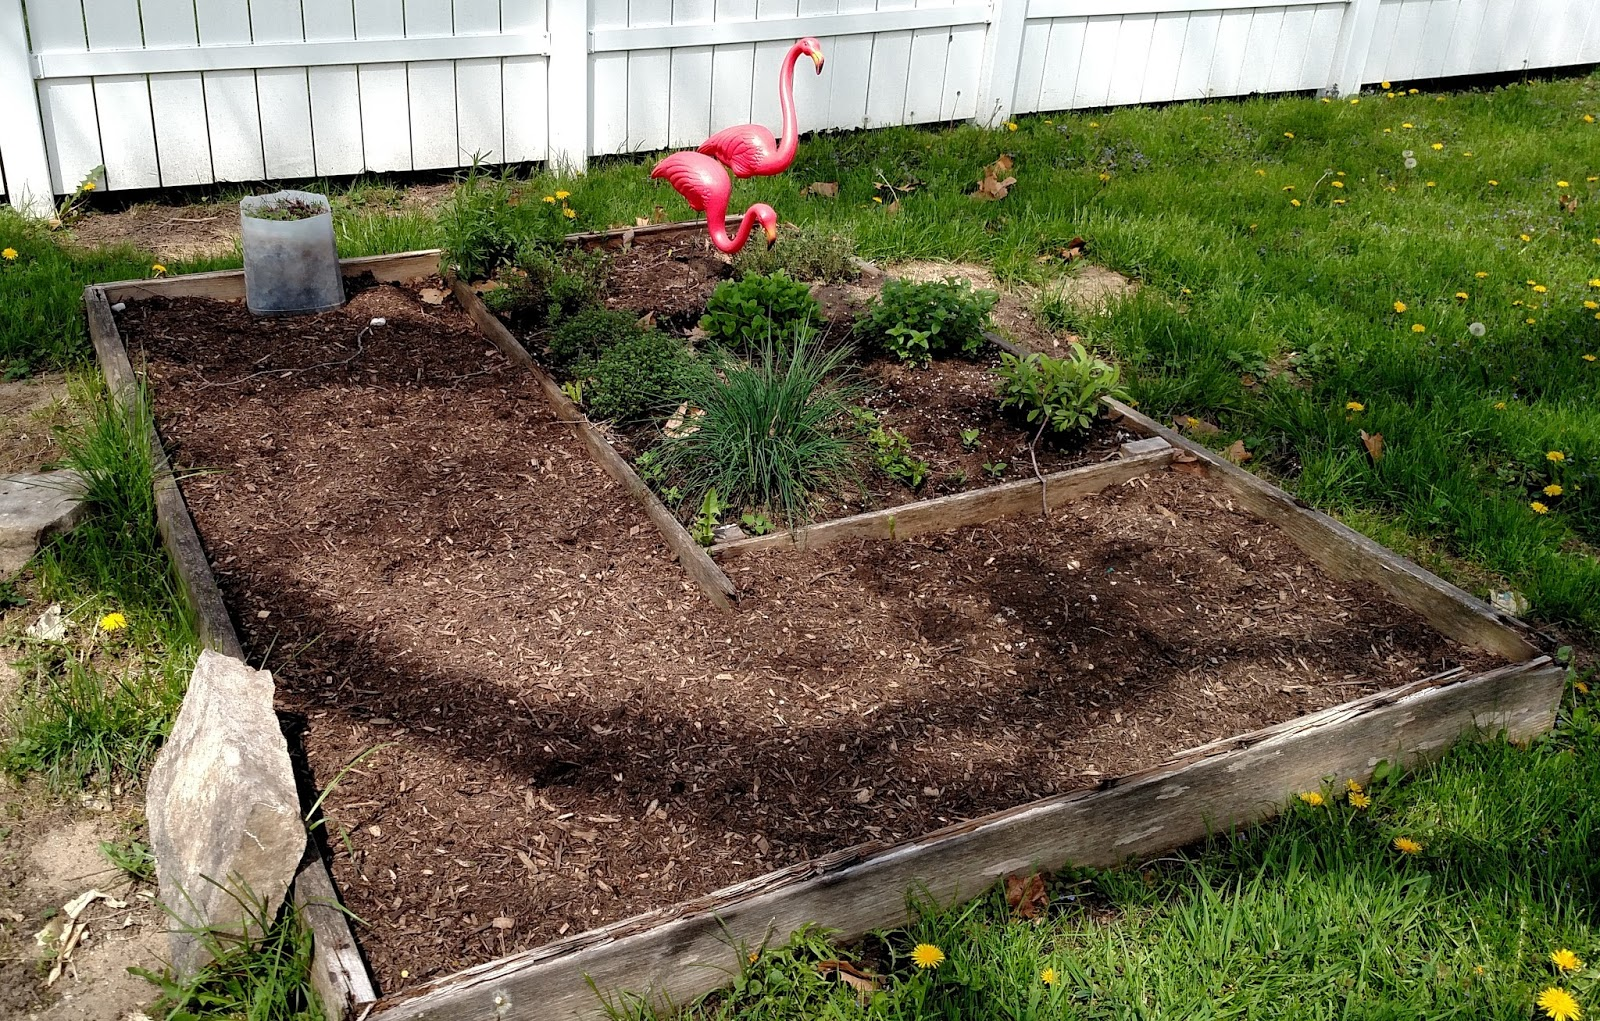 Backyard Patch Herbal Blog: New Garden update - starting from scratch